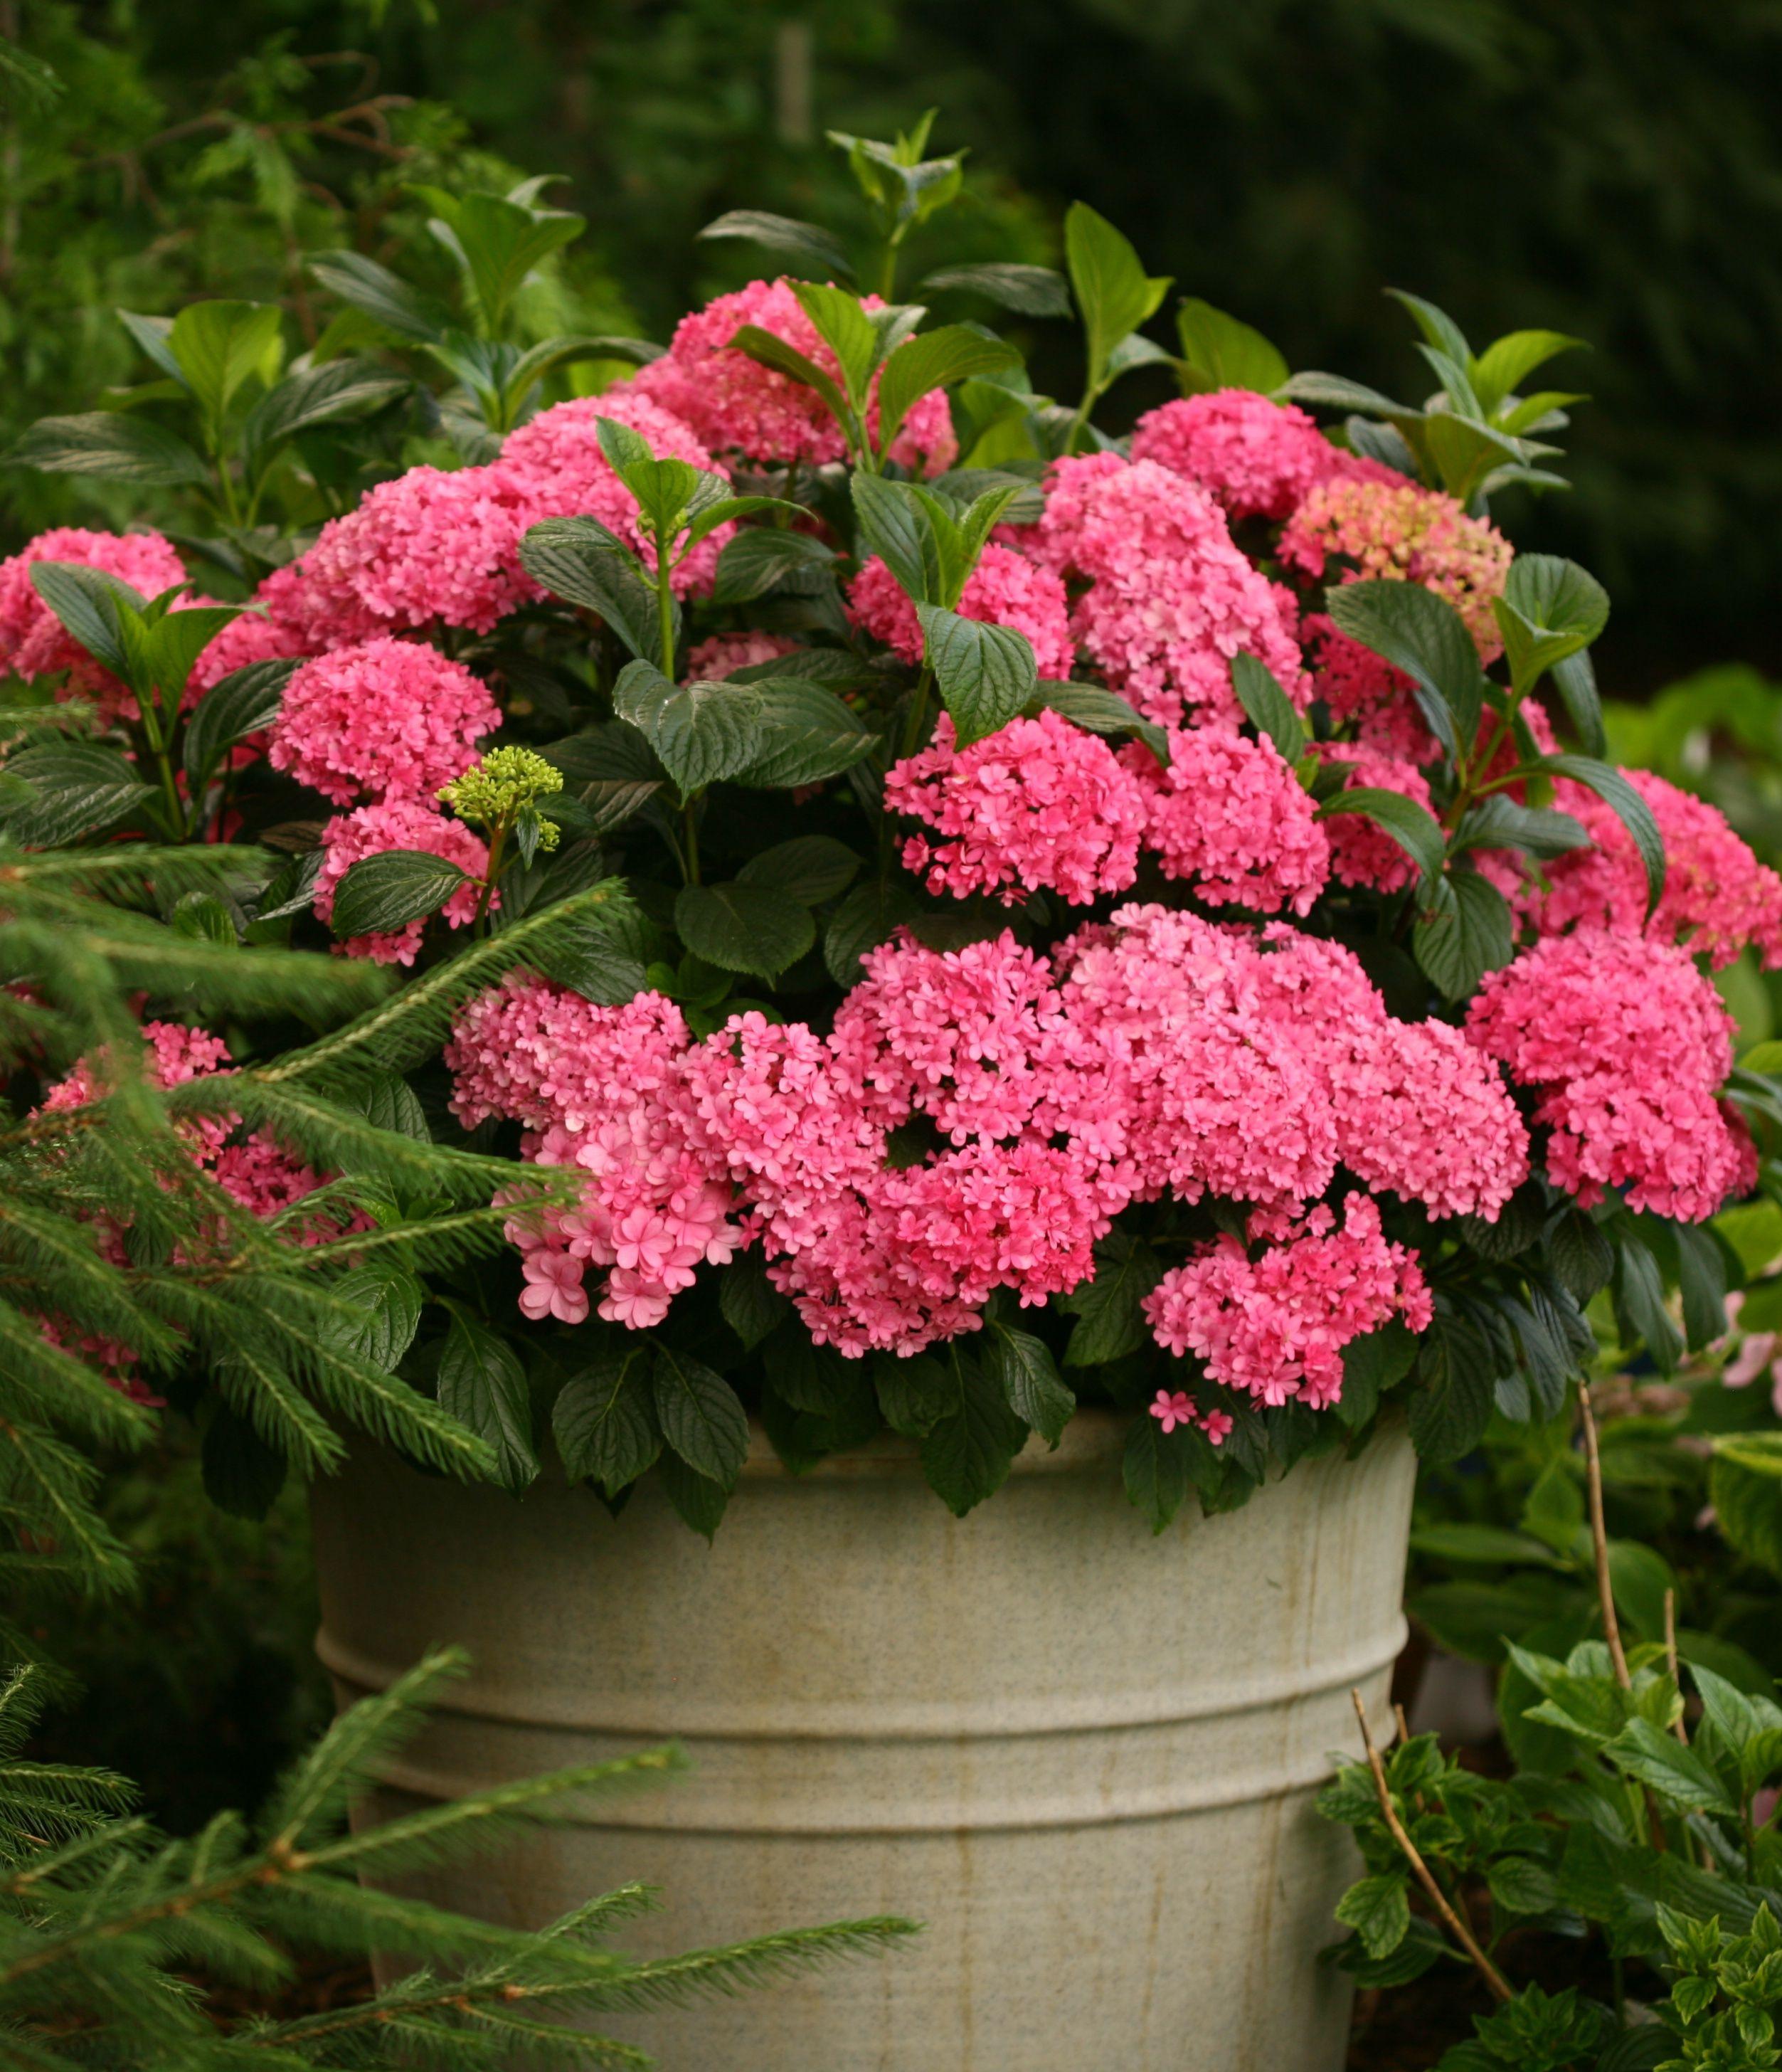 Paraplu Bigleaf Hydrangea Hydrangea Macrophylla Growing Hydrangeas Hydrangea Varieties Hydrangea Not Blooming